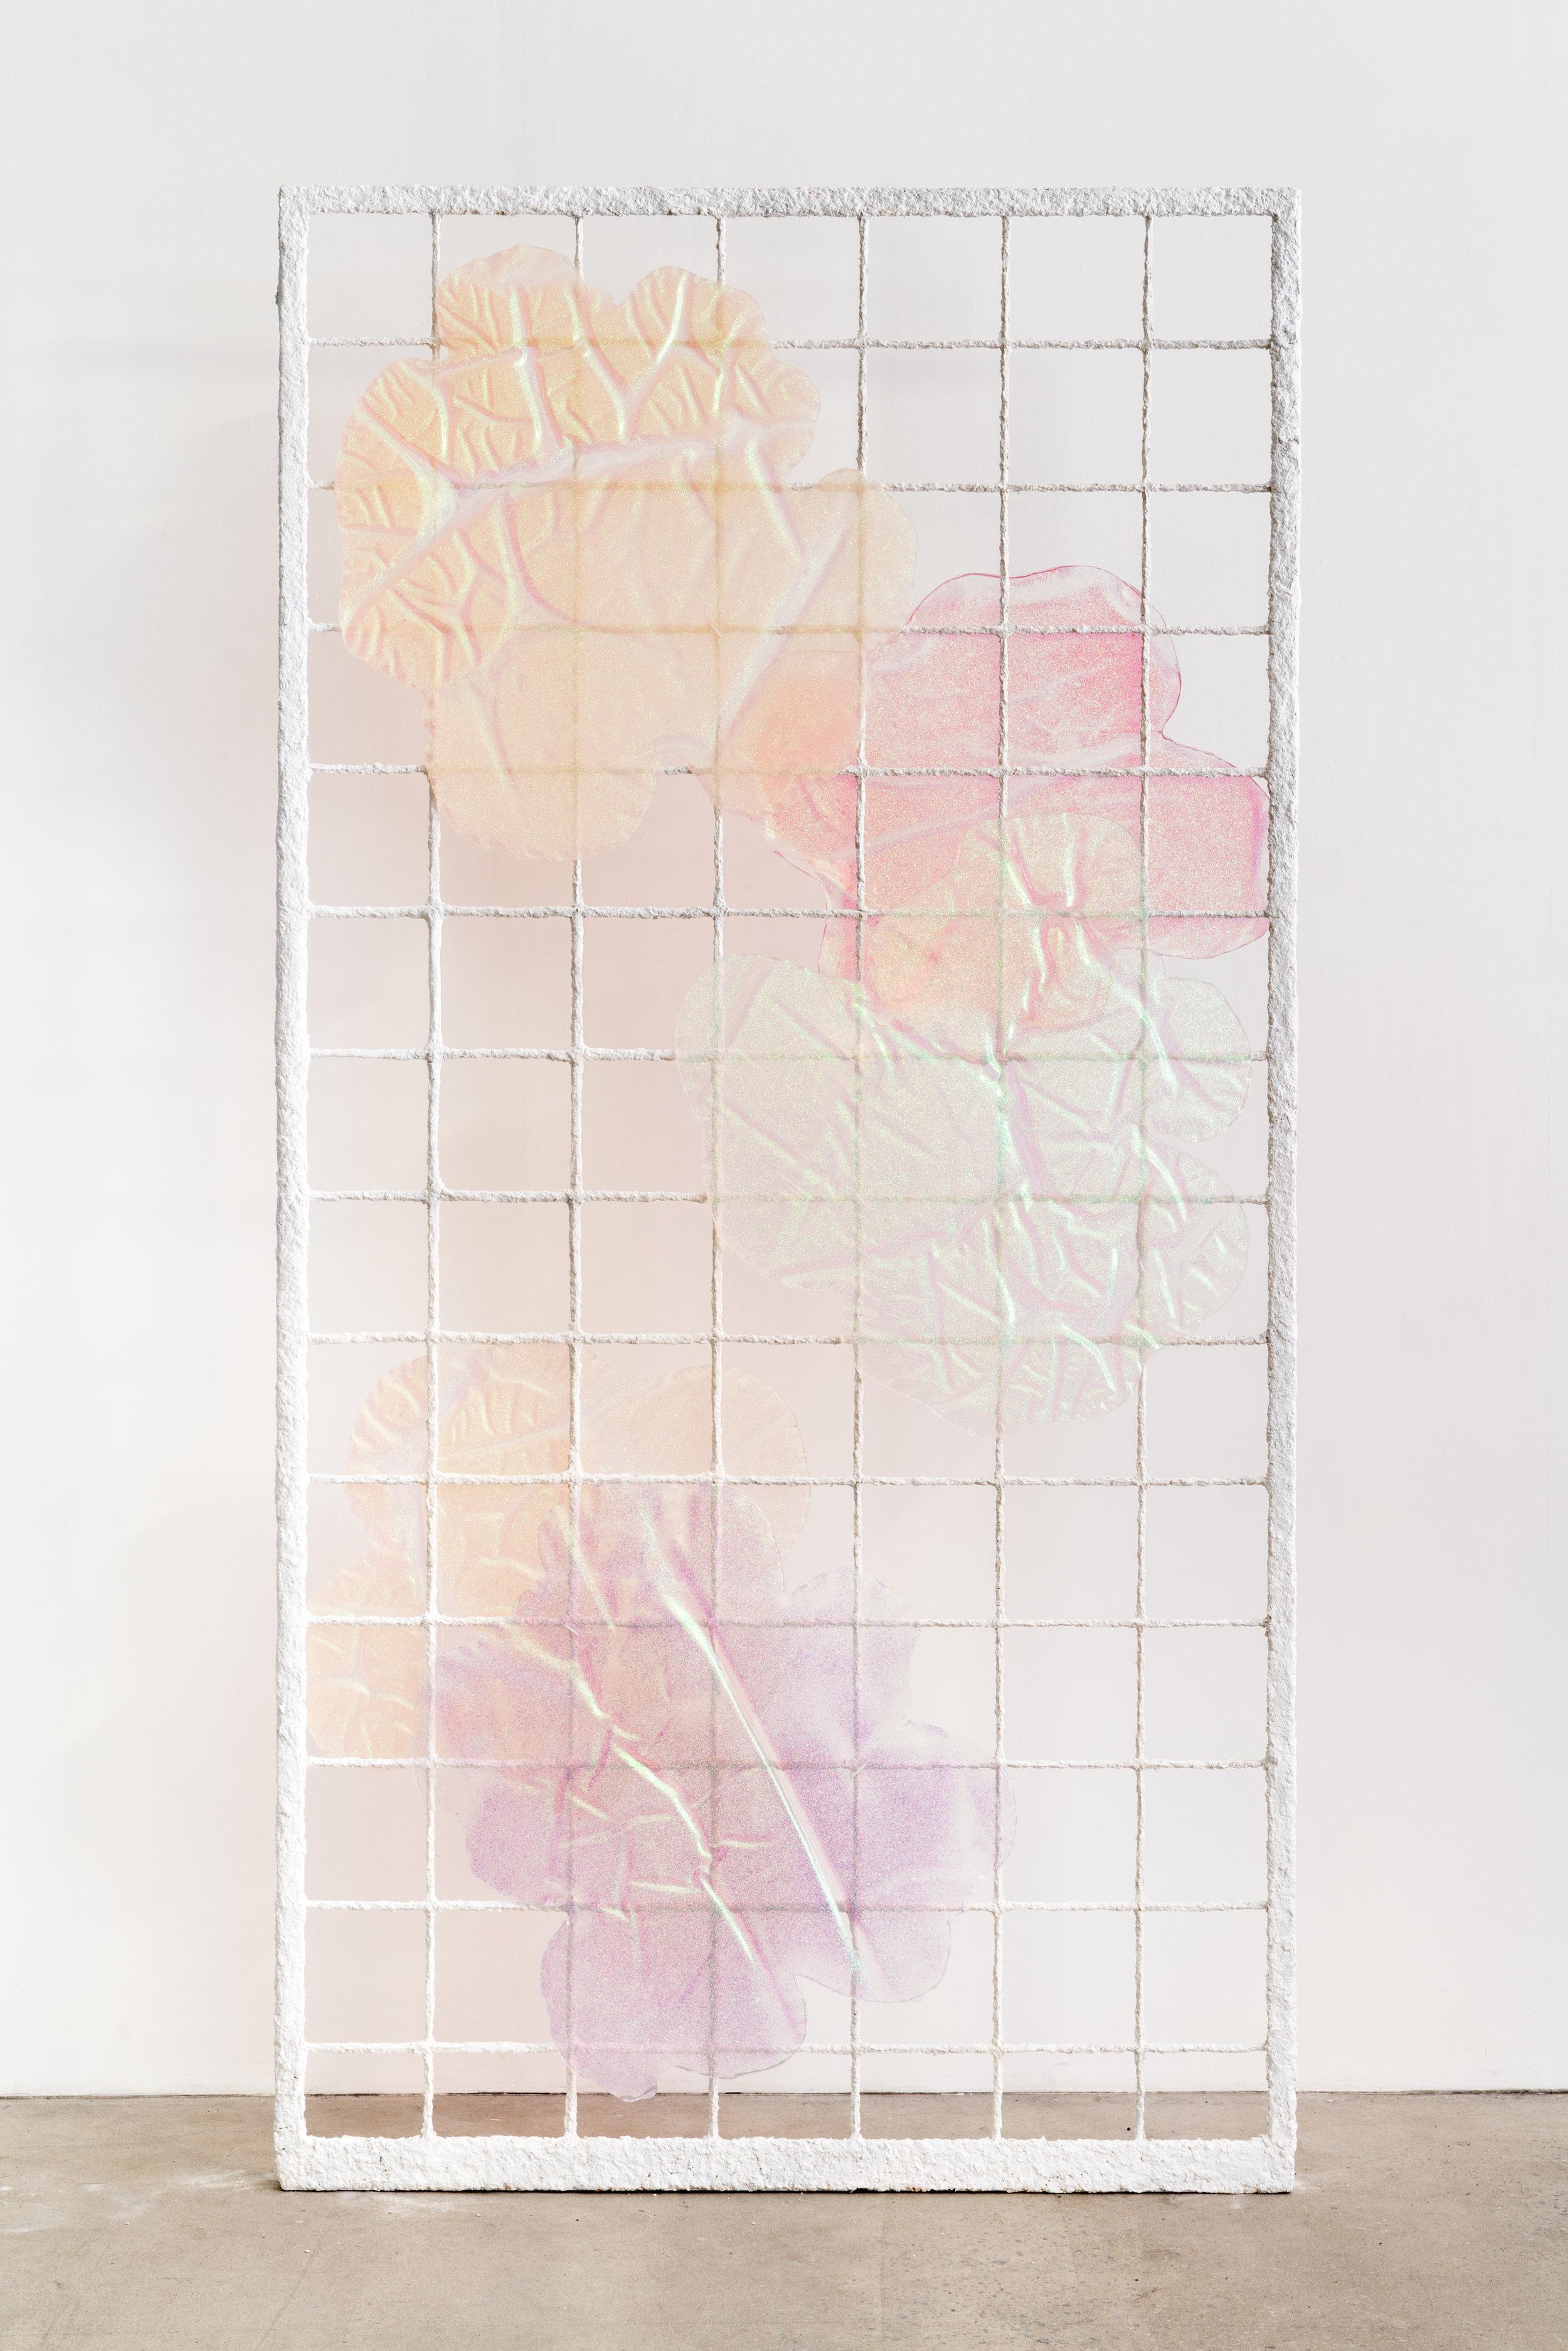 """Michelle Bui,  Sunny Day Out,  2018, métal galvanisé, pulpe de papier, résine, 213 x 109 x 8 cm (84"""" x 43"""" x 3"""")"""